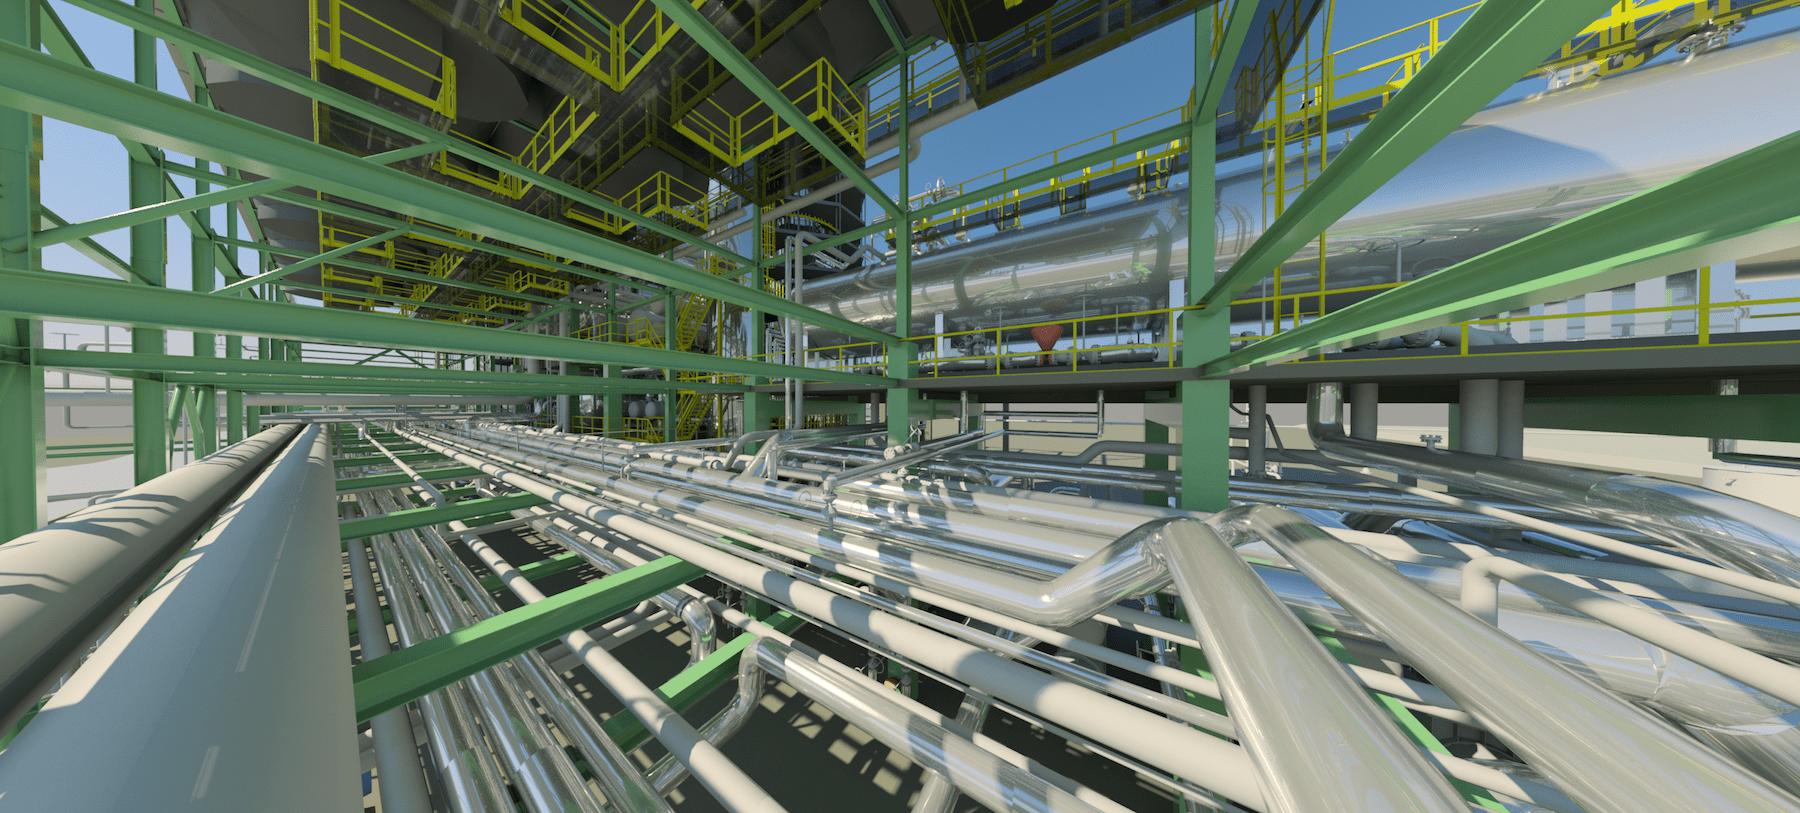 Impianto RT2 - Modello 3D da Scansione Laser